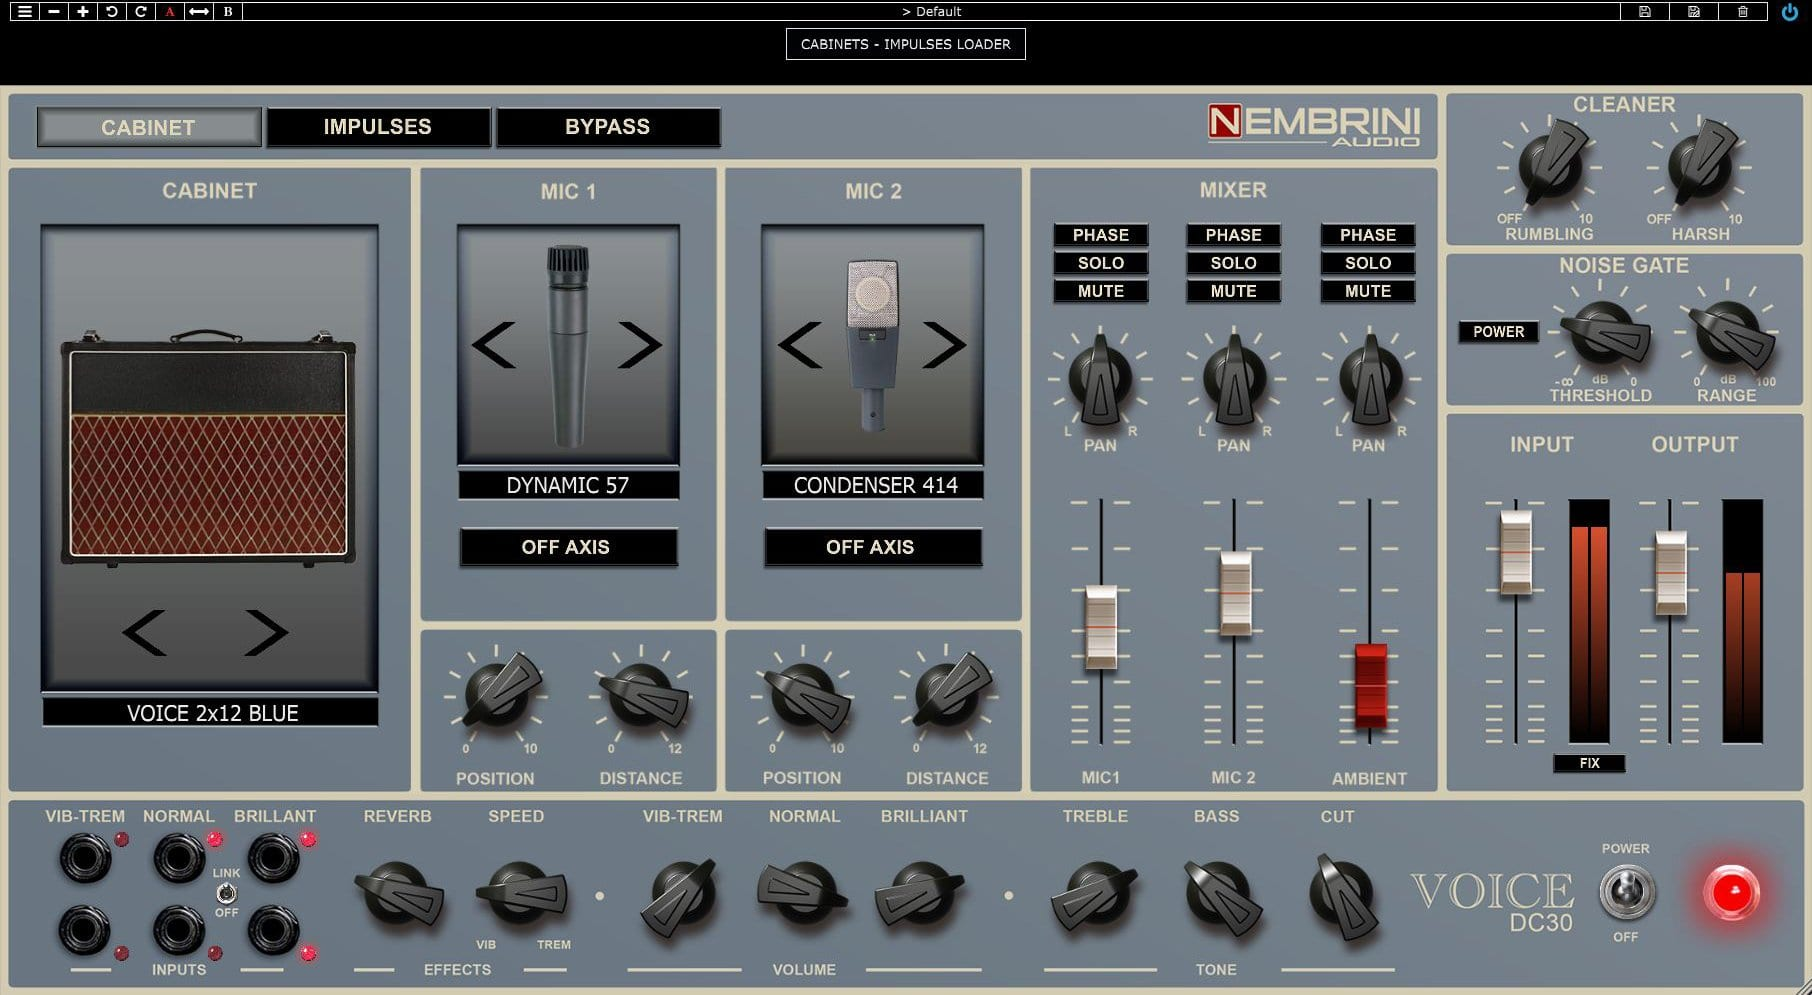 Pantallas, IRs y micrófonos del Nembrini Audio Voice DC30 Valve Guitar Amplifier